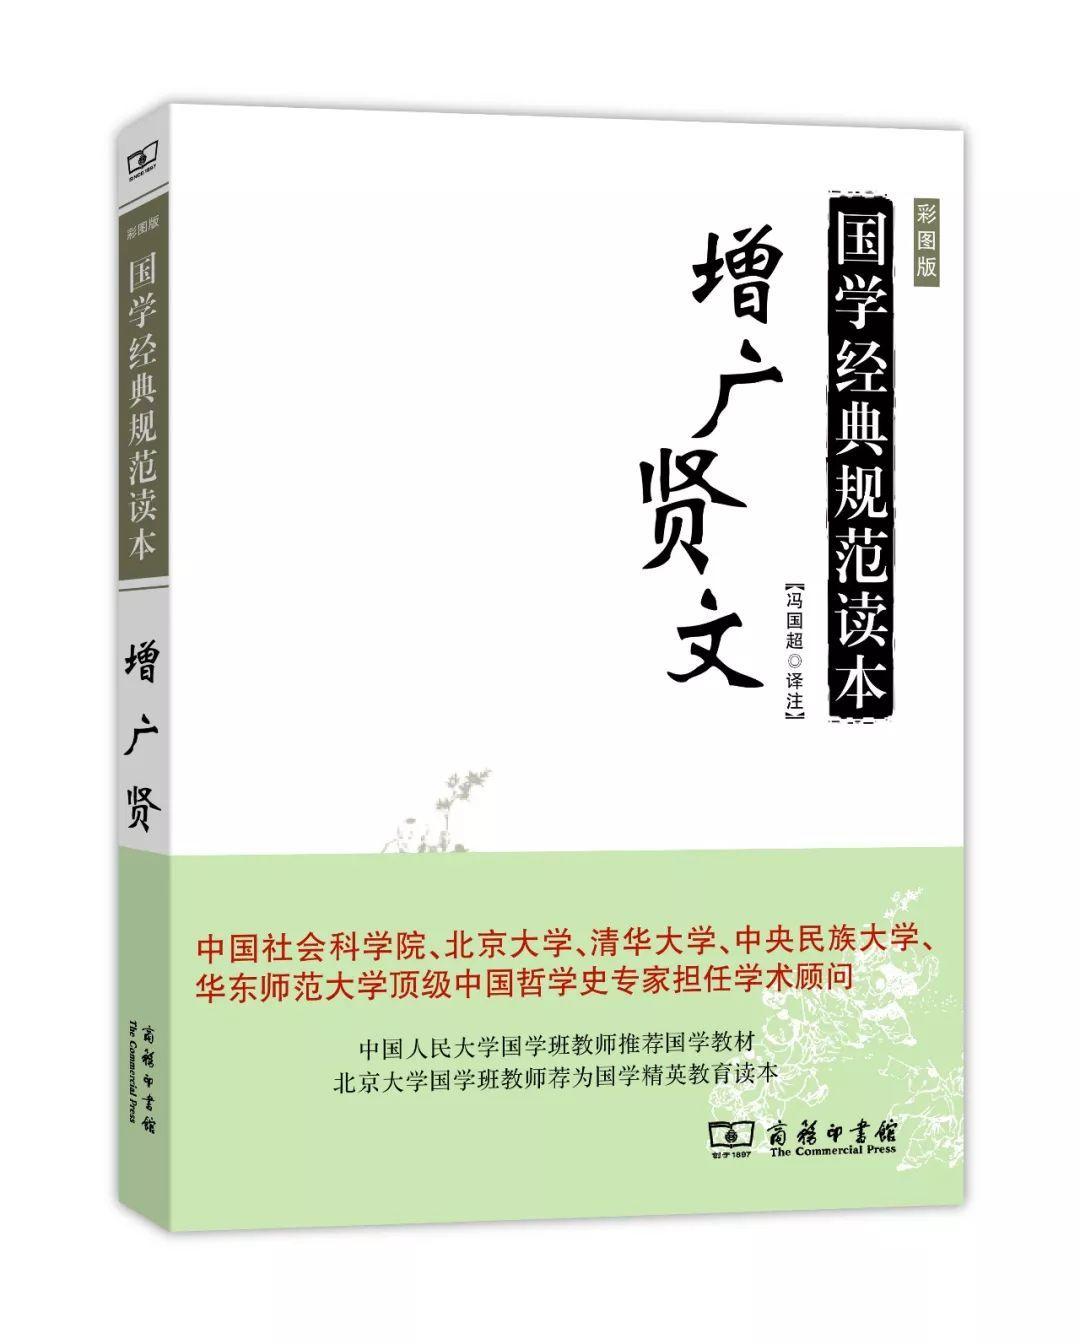 《增广贤文》:全书4000字,一部中国古代著名的格言警句集